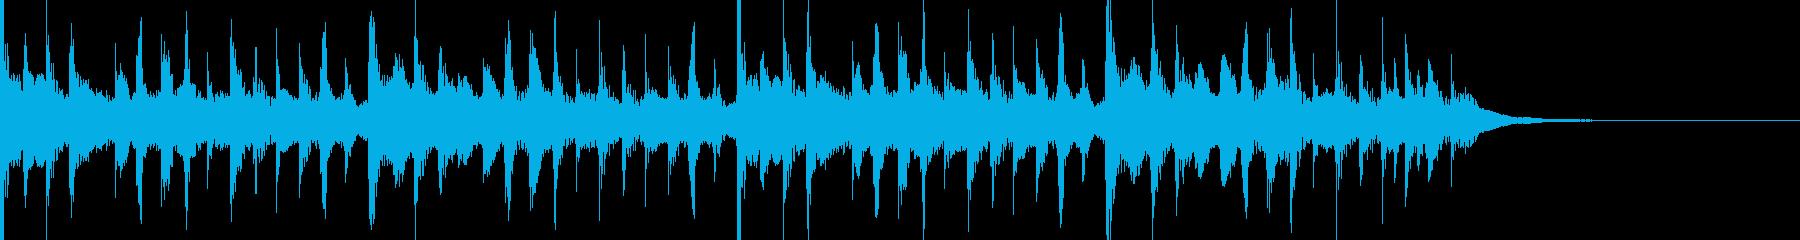 カリビアン風ジングル6の再生済みの波形